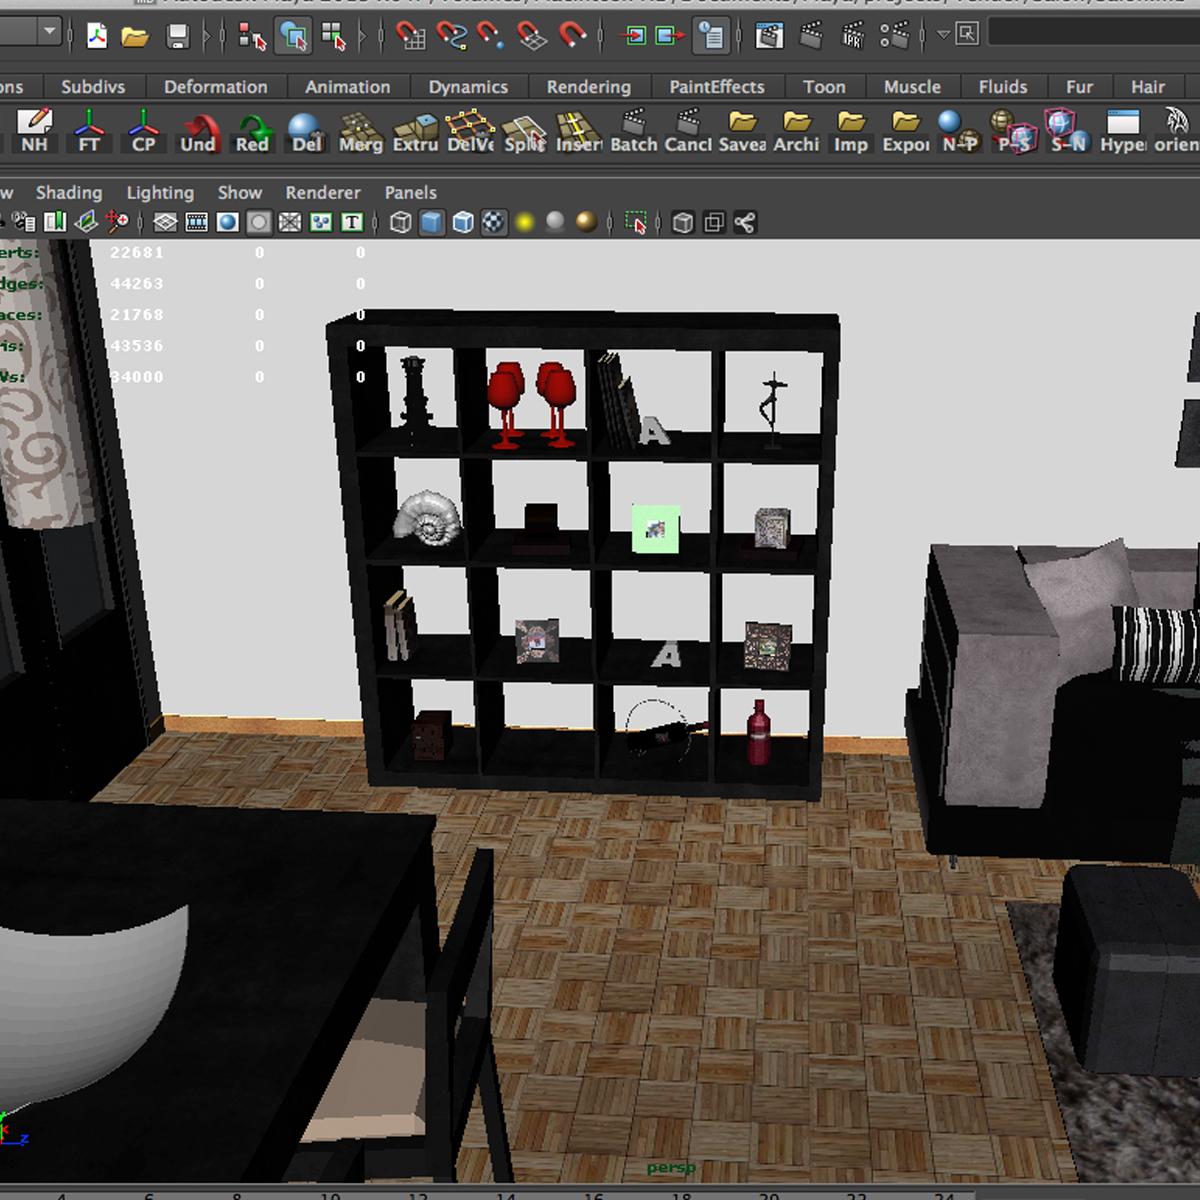 dzīvojamā istaba 3d modelis 3ds max fbx c4d ma mb obj 159619